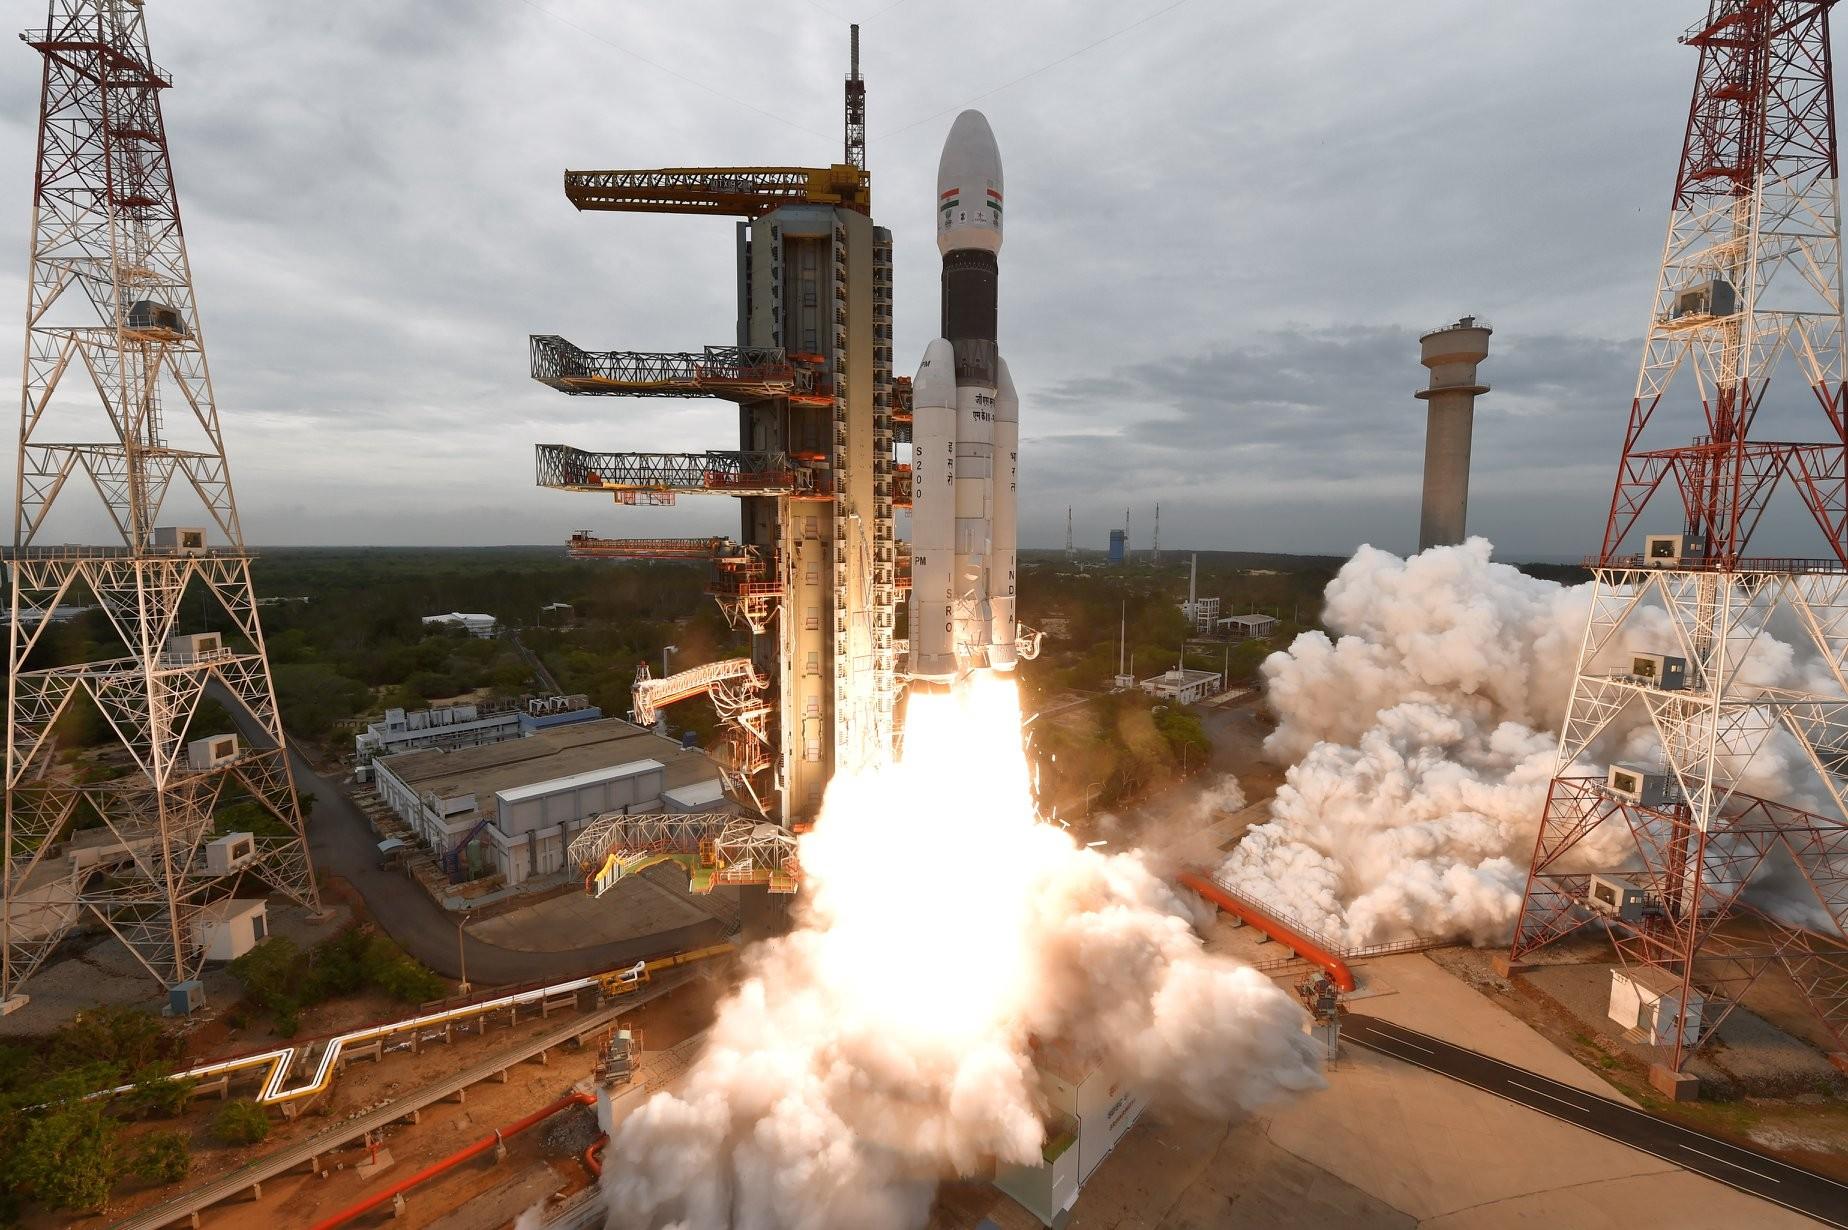 Chandrayaan-2 foi lançada em 22 de julho de 2019 da plataforma Sriharikota, no sul da Índia (Foto: Divulgação ISRO)